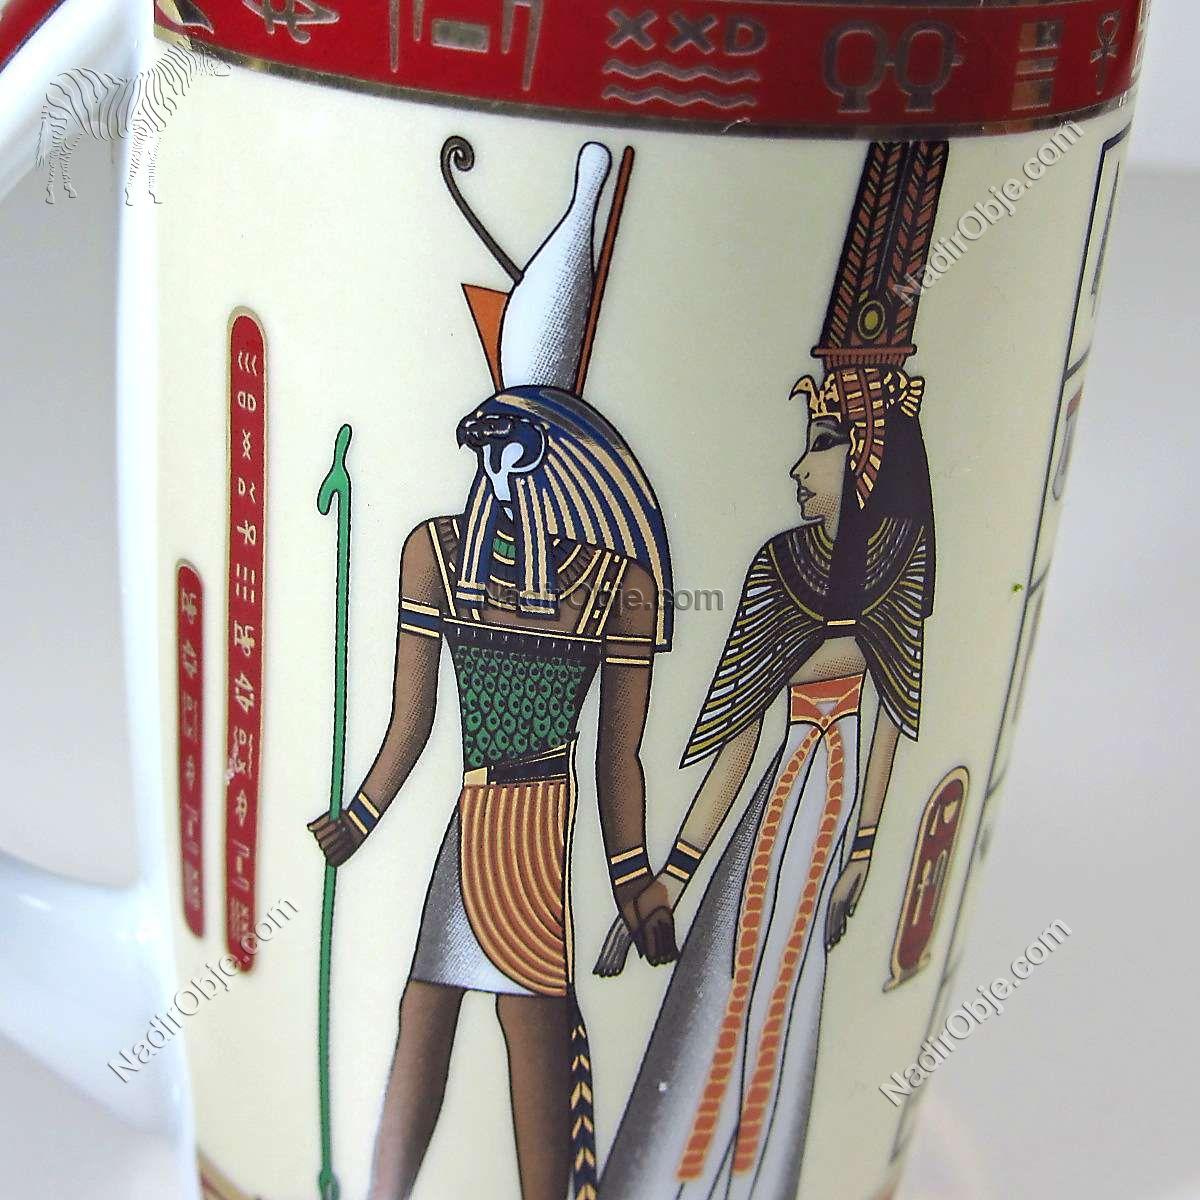 Mısır Temalı Porselen Kupa Seramik-Porselen Objeler Kupa